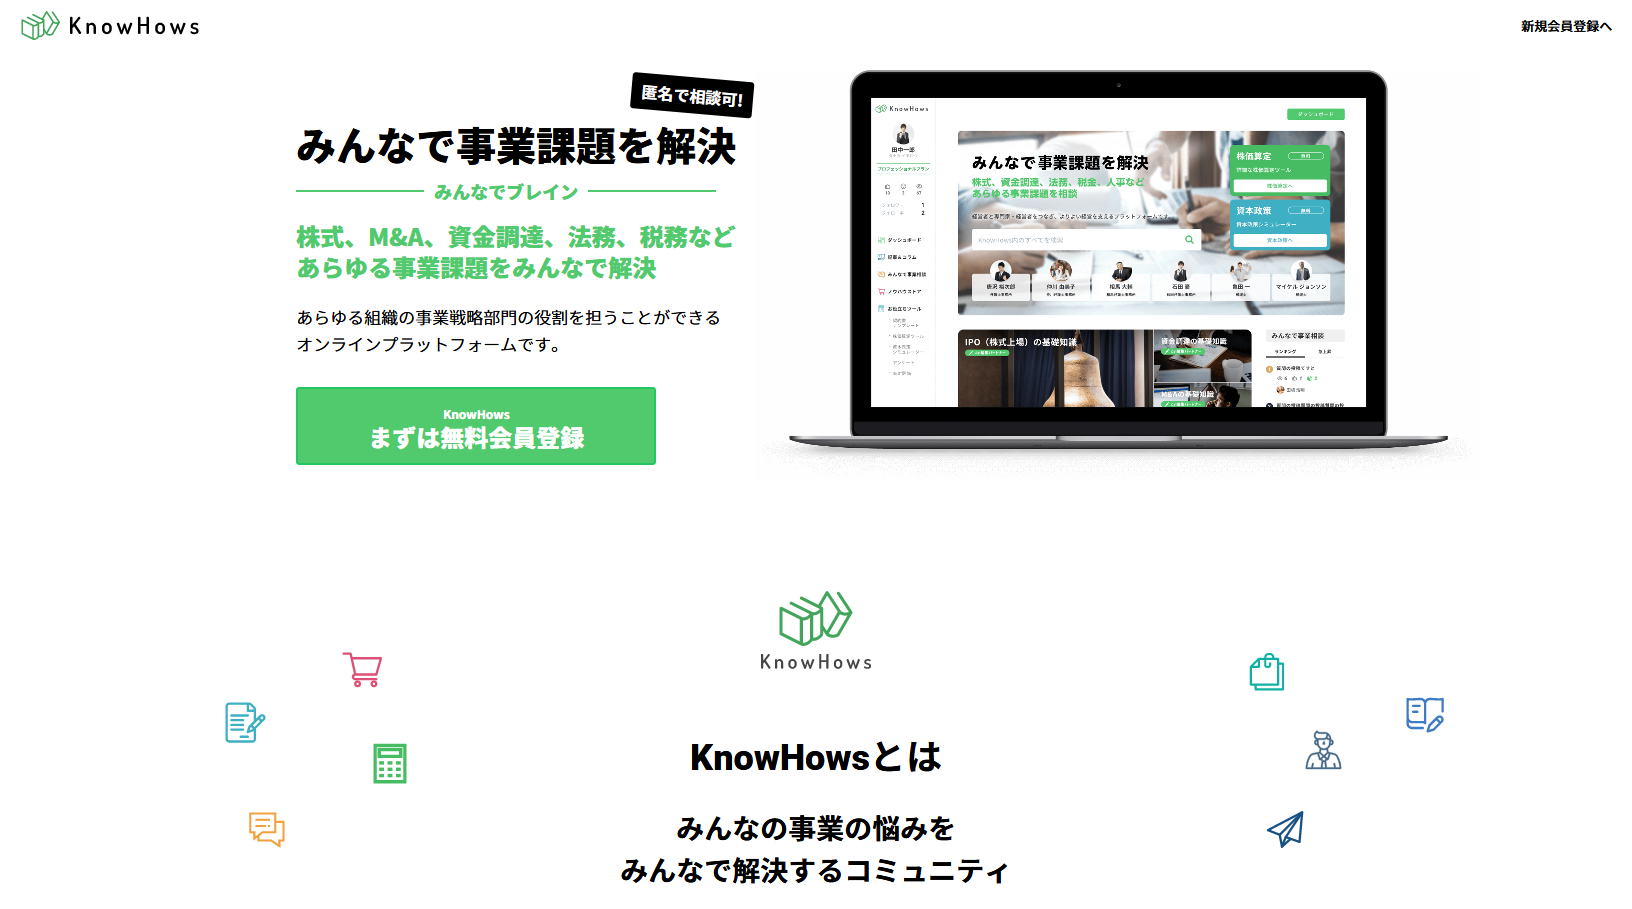 無料の事業相談や事業支援をするメディア - KnowHows(ノウハウズ)